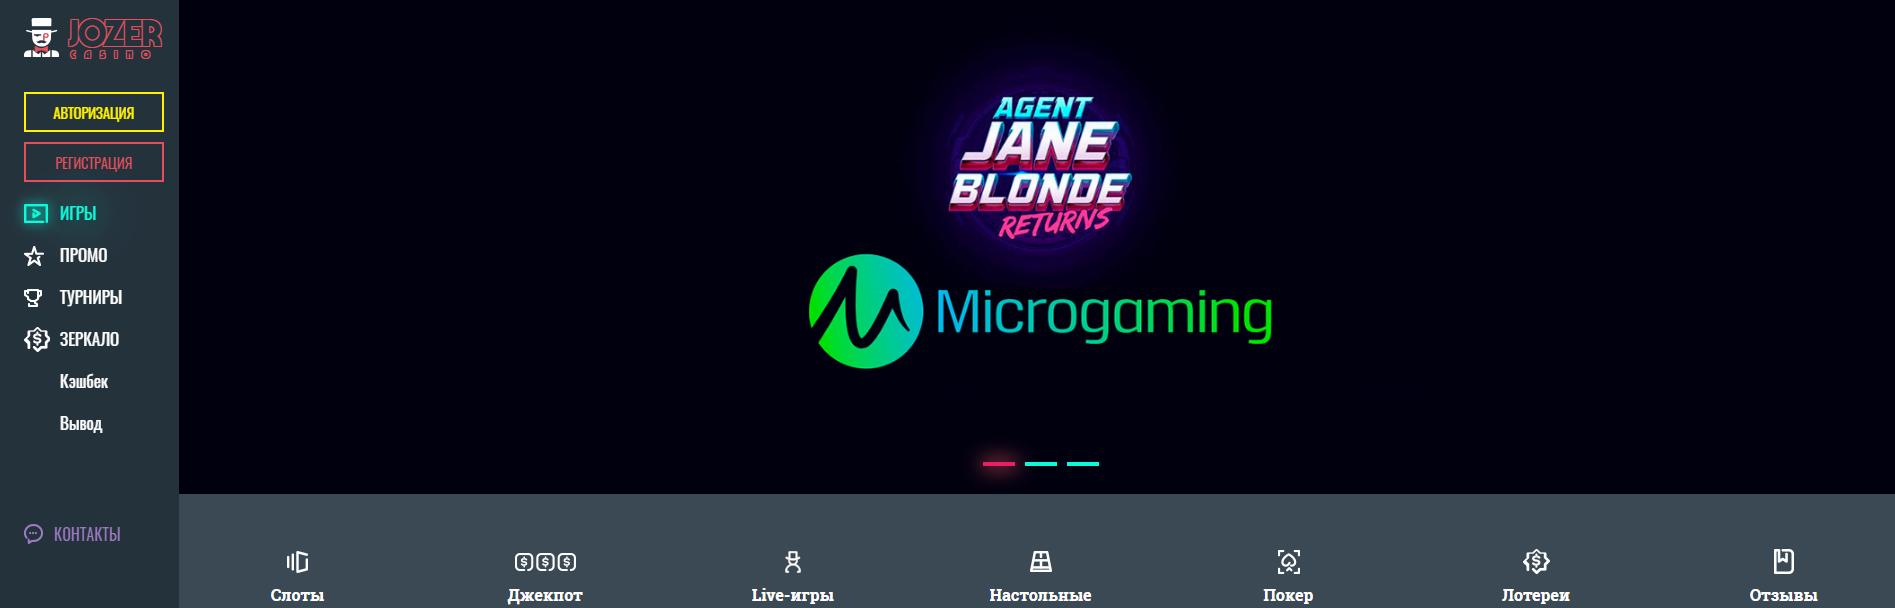 Jozer Casino - Официальный сайт